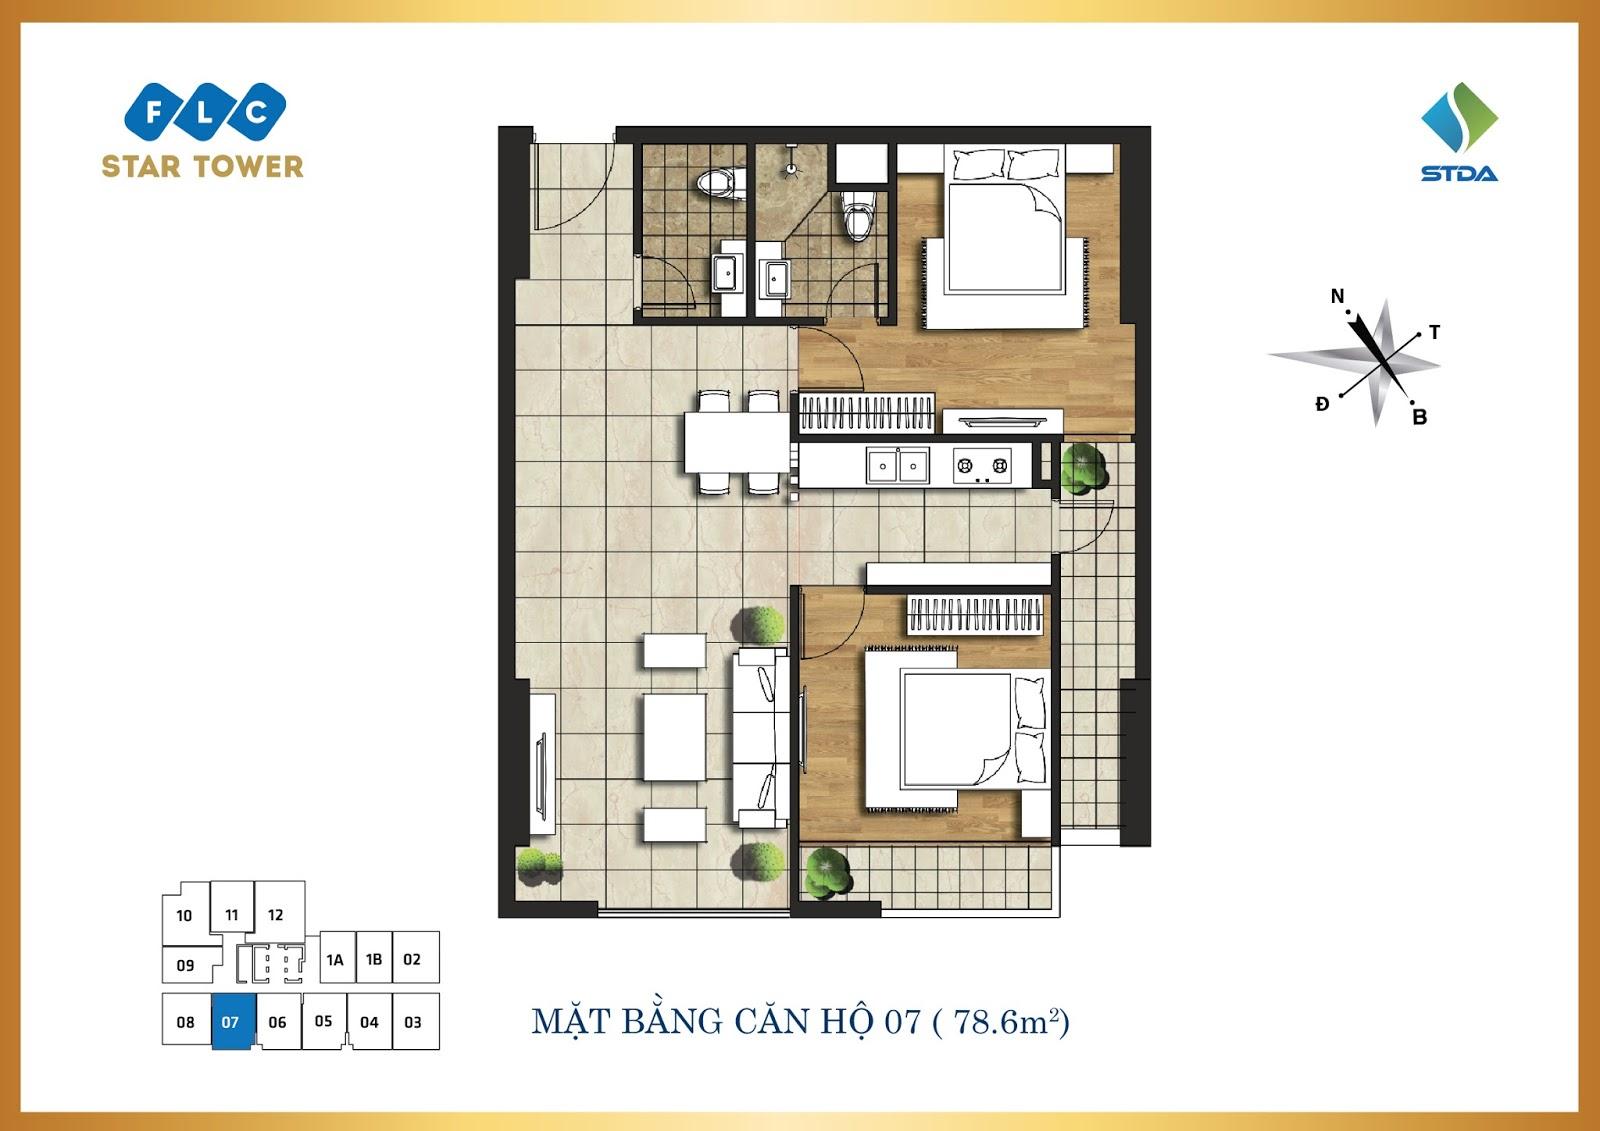 Thiết kế căn hộ số 7 - Chung cư FLC Star Tower